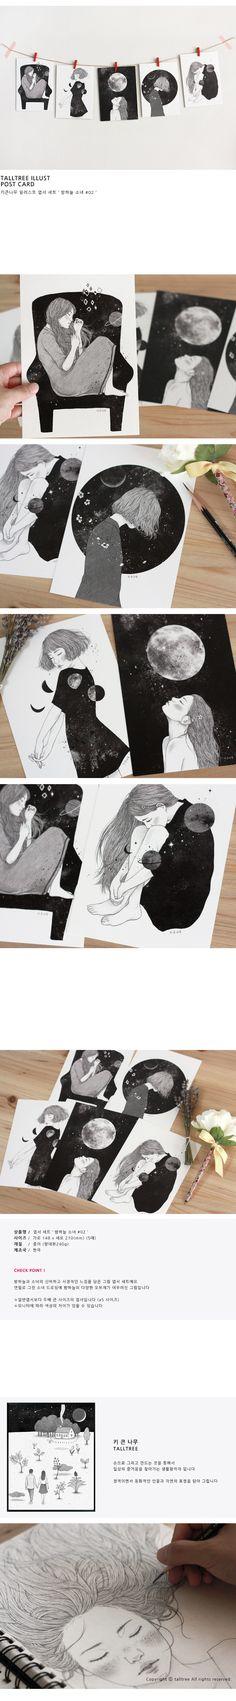 텐바이텐 10X10 : 키 큰 나무 일러스트 엽서 세트 '밤하늘 소녀 #02'